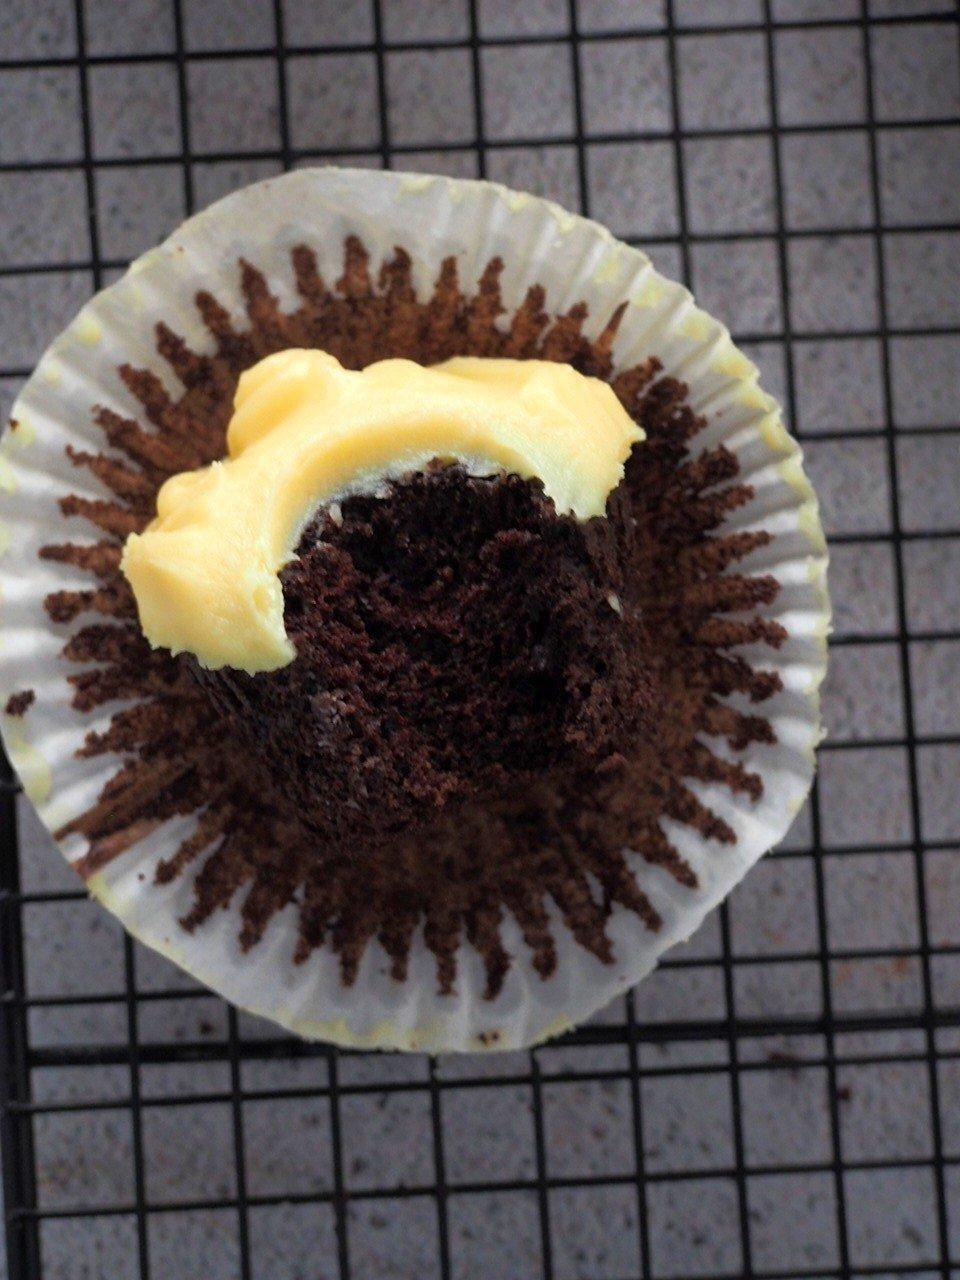 Bite shot of a choco-yema cupcake.